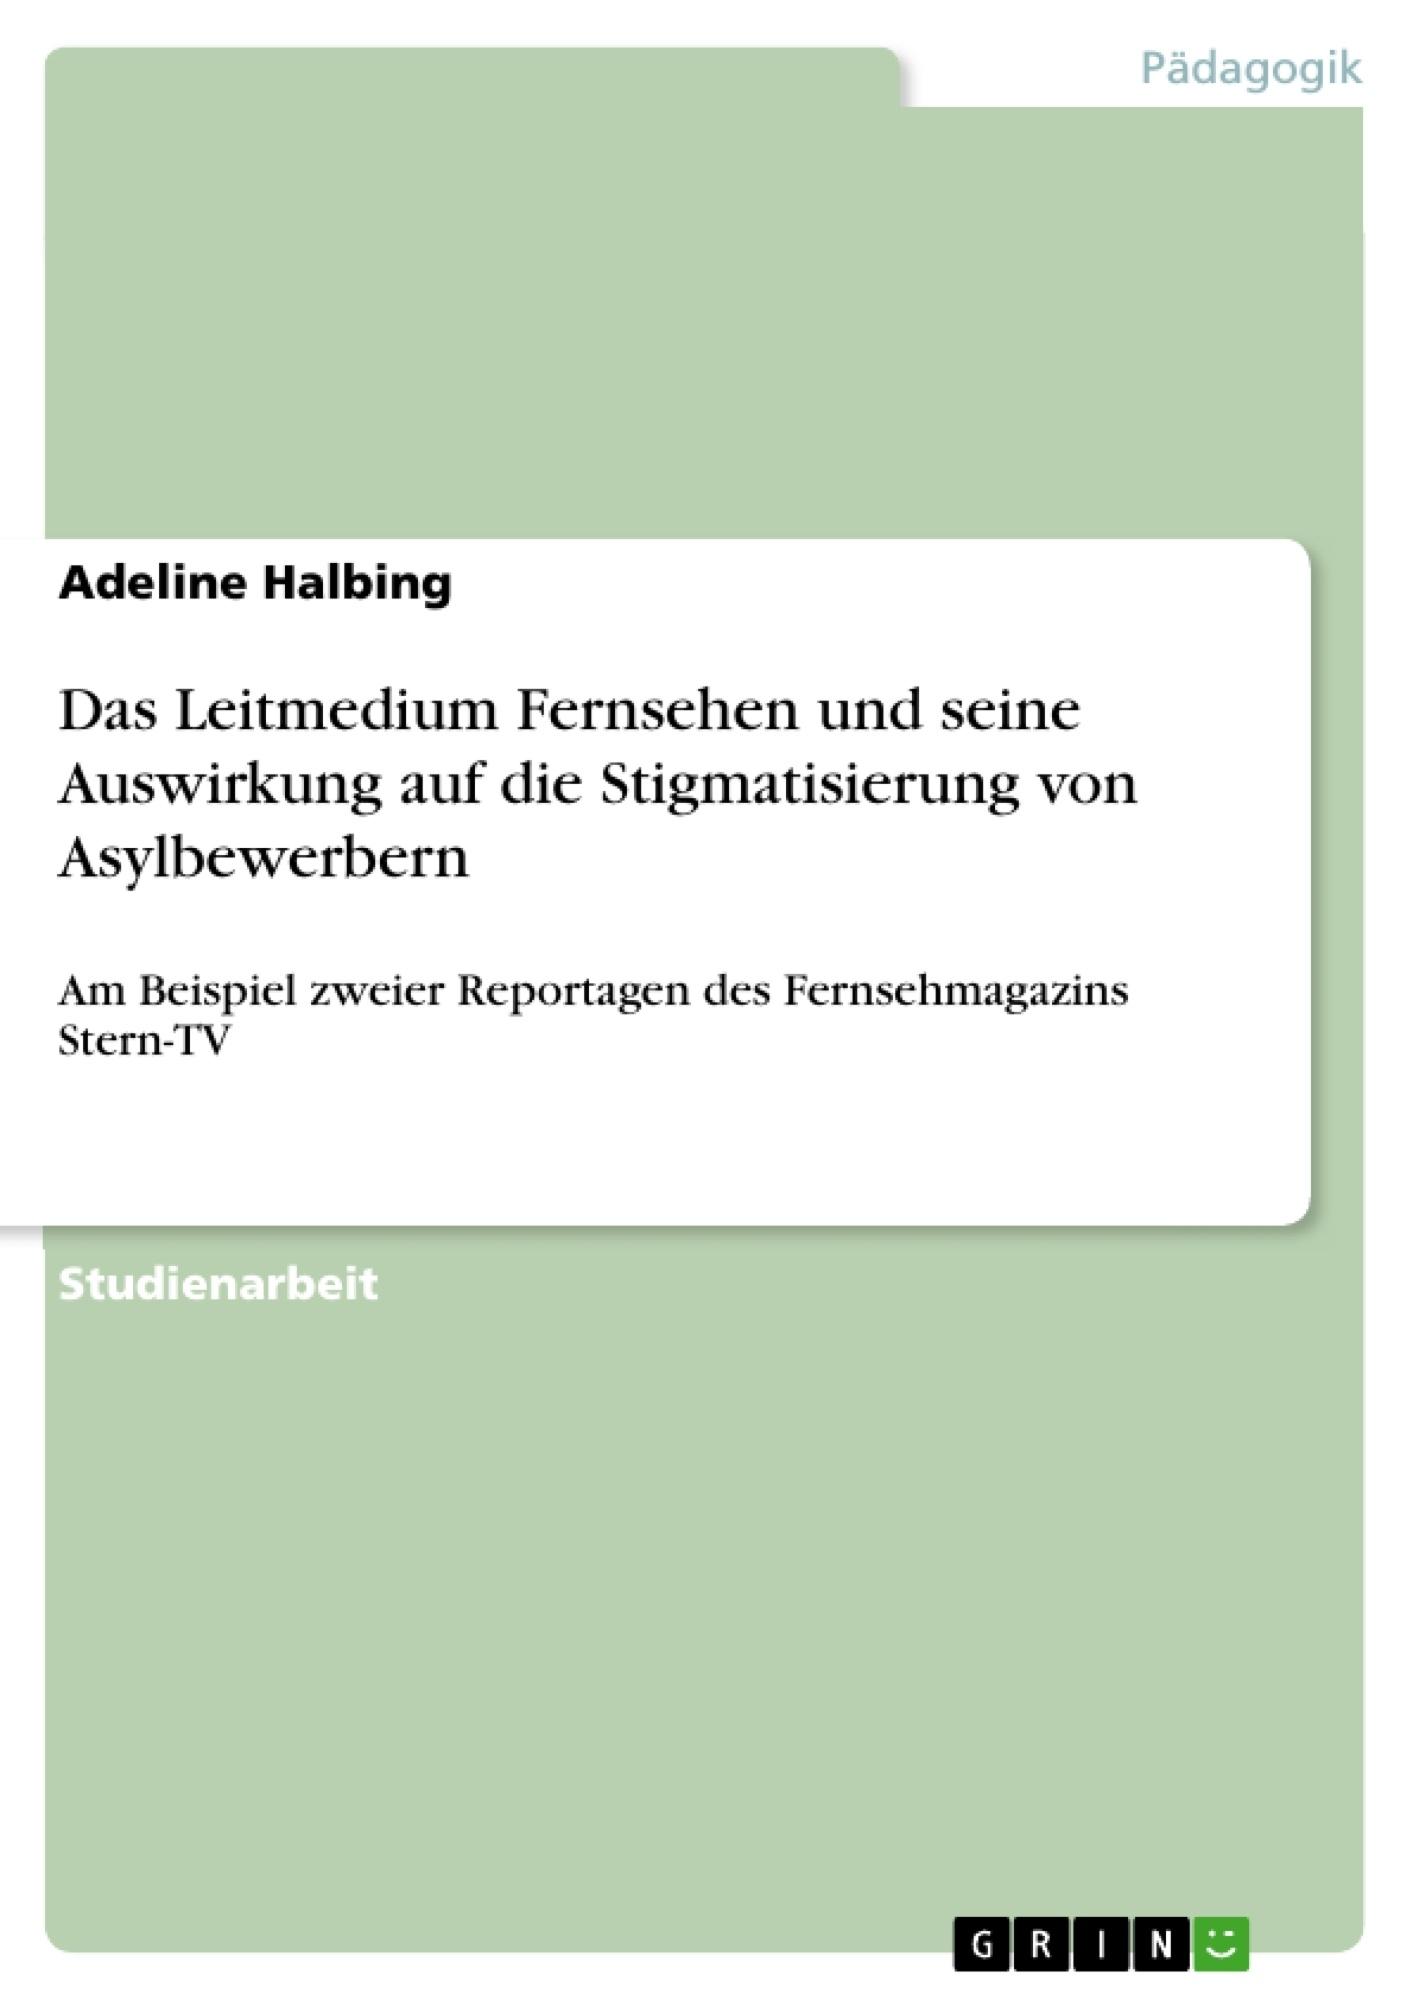 Titel: Das Leitmedium Fernsehen und seine Auswirkung auf die Stigmatisierung von Asylbewerbern